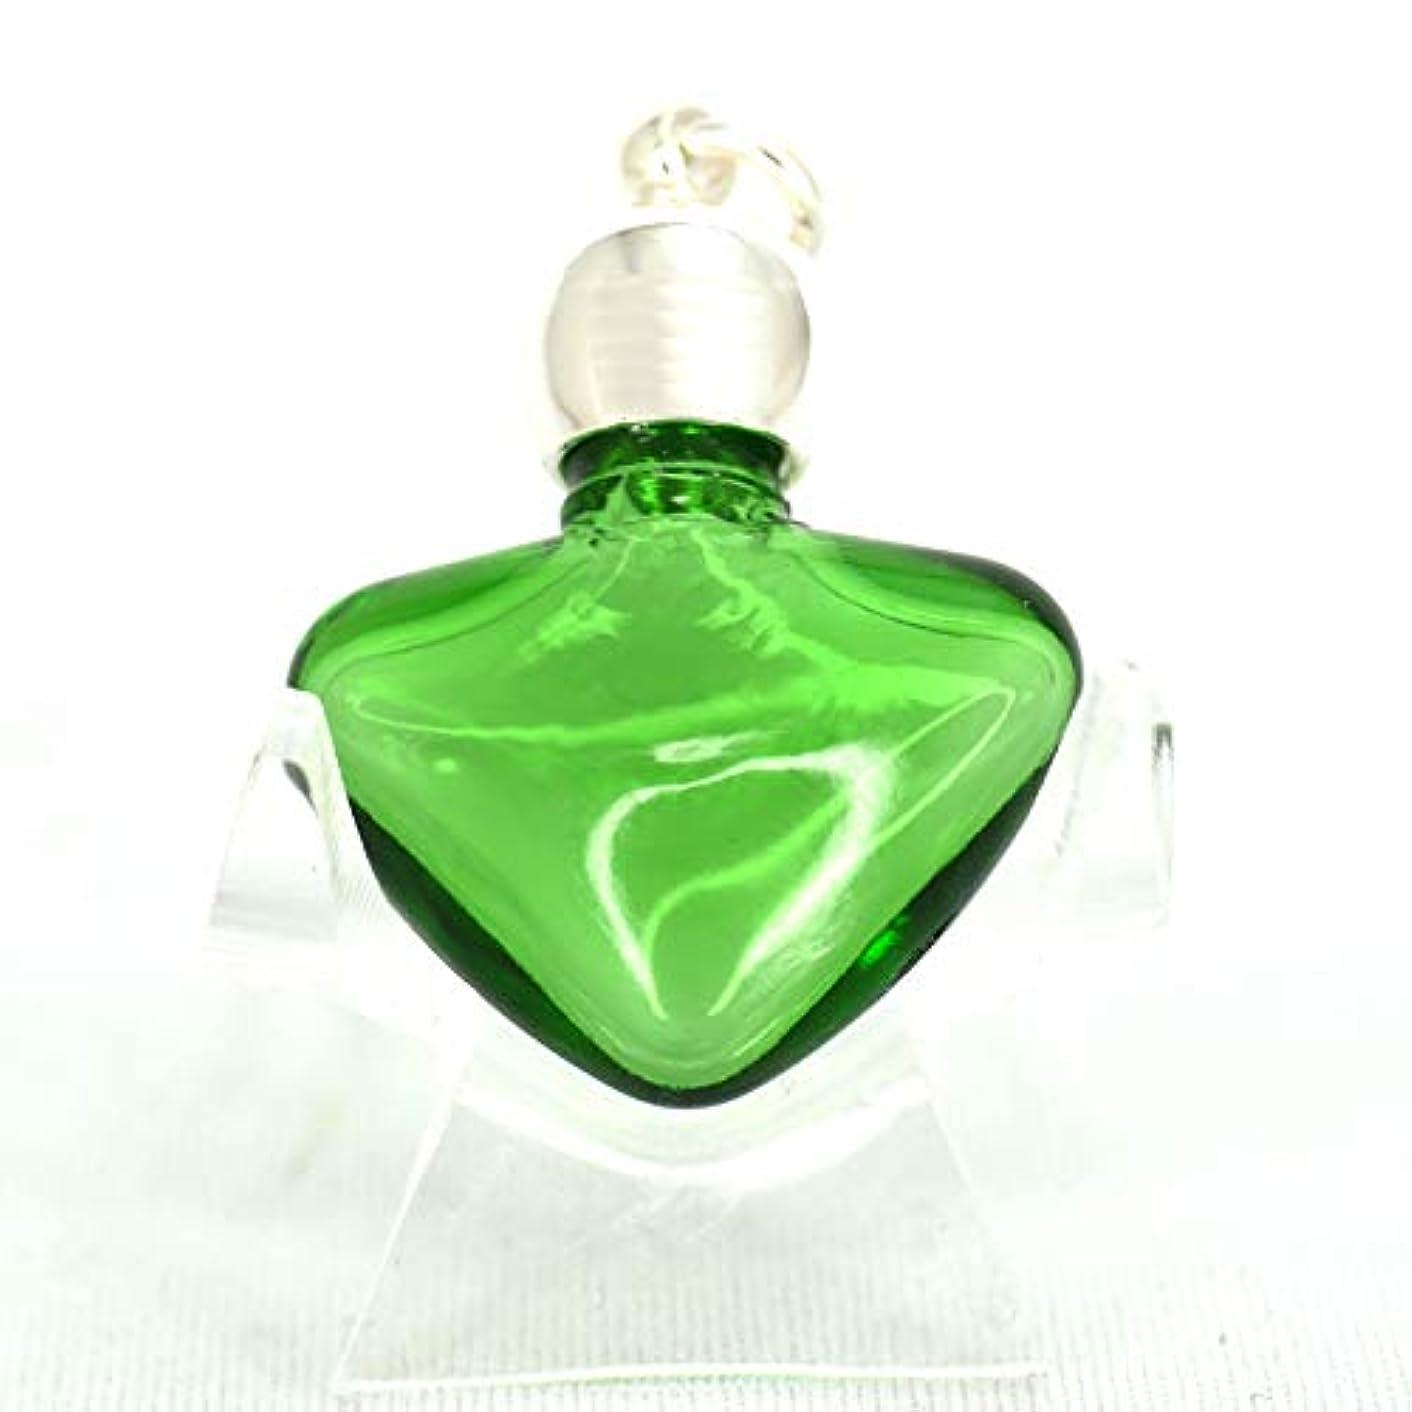 揮発性啓示センサーミニ香水瓶 アロマペンダントトップ ハートグリーン(透明緑)0.8ml?シルバー?穴あきキャップ、パッキン付属【アロマオイル?メモリーオイル入れにオススメ】